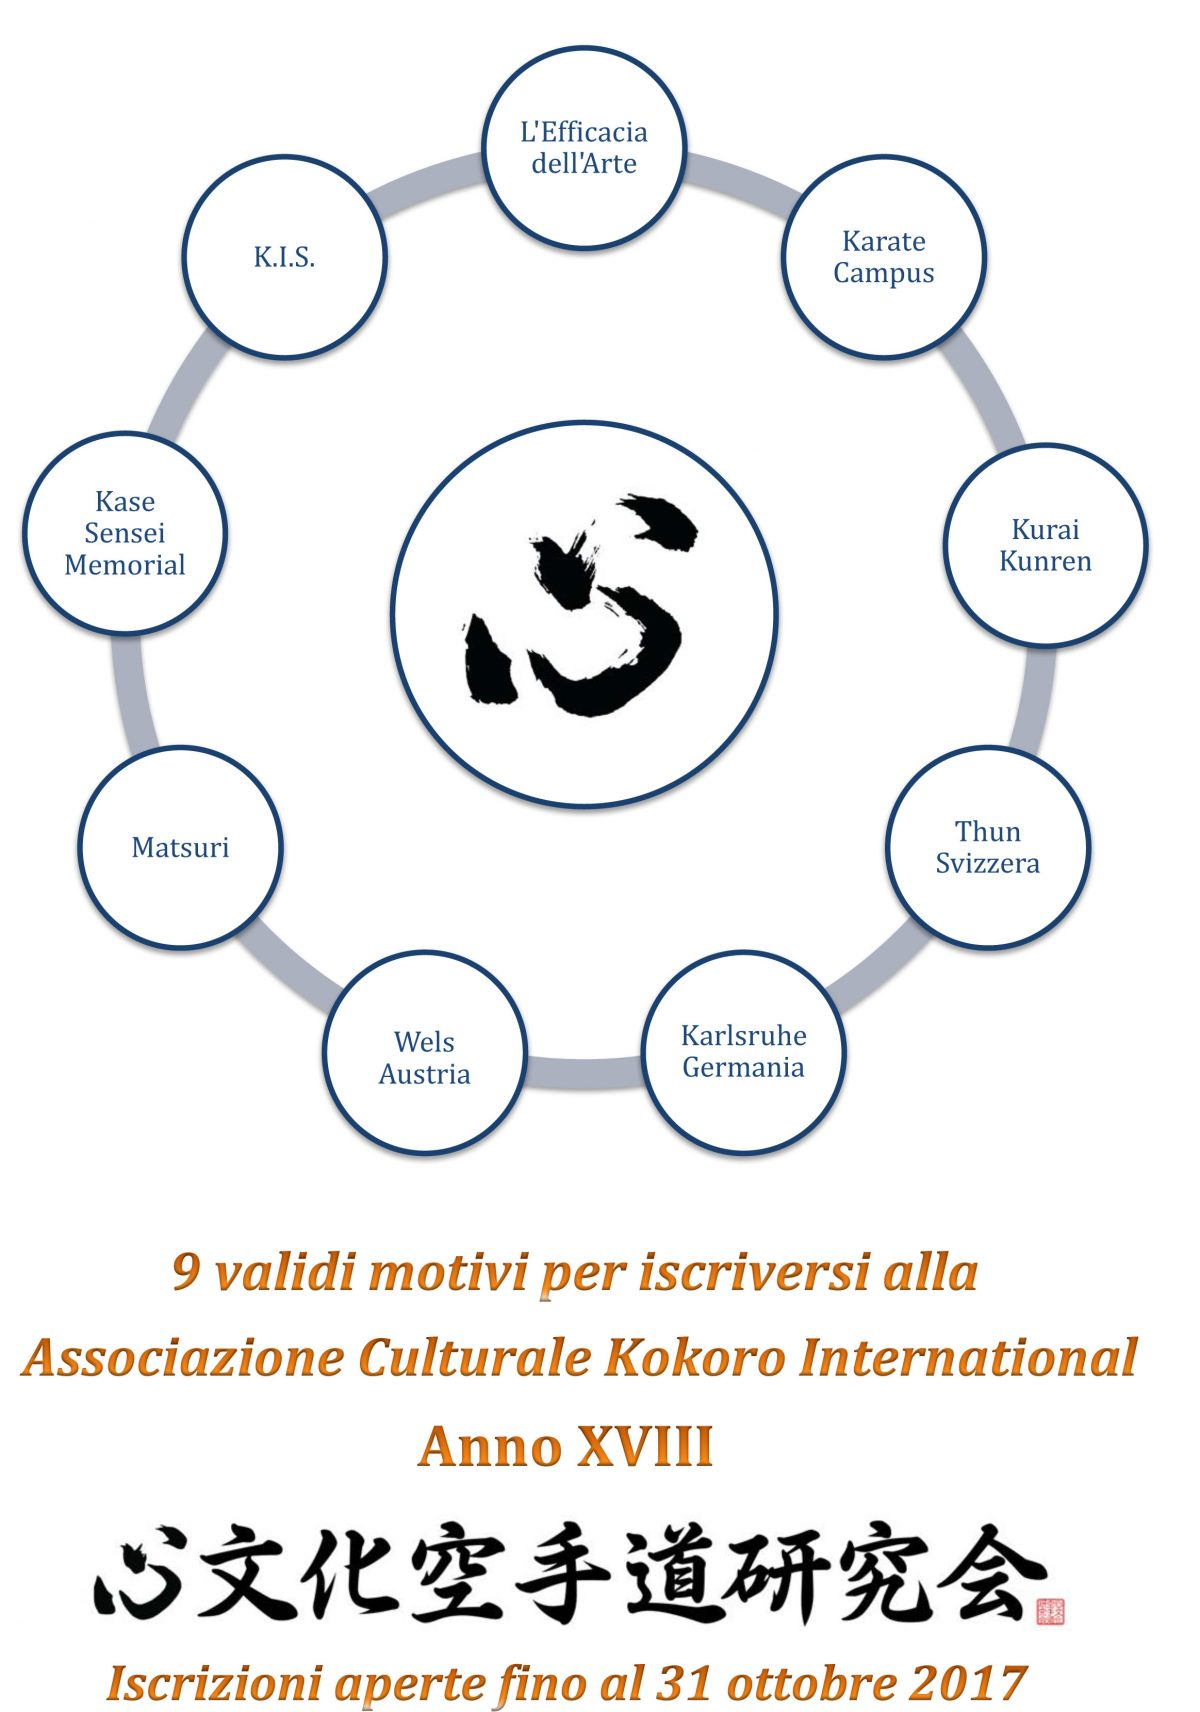 Kokoro Anno XVIII: Come associarsi